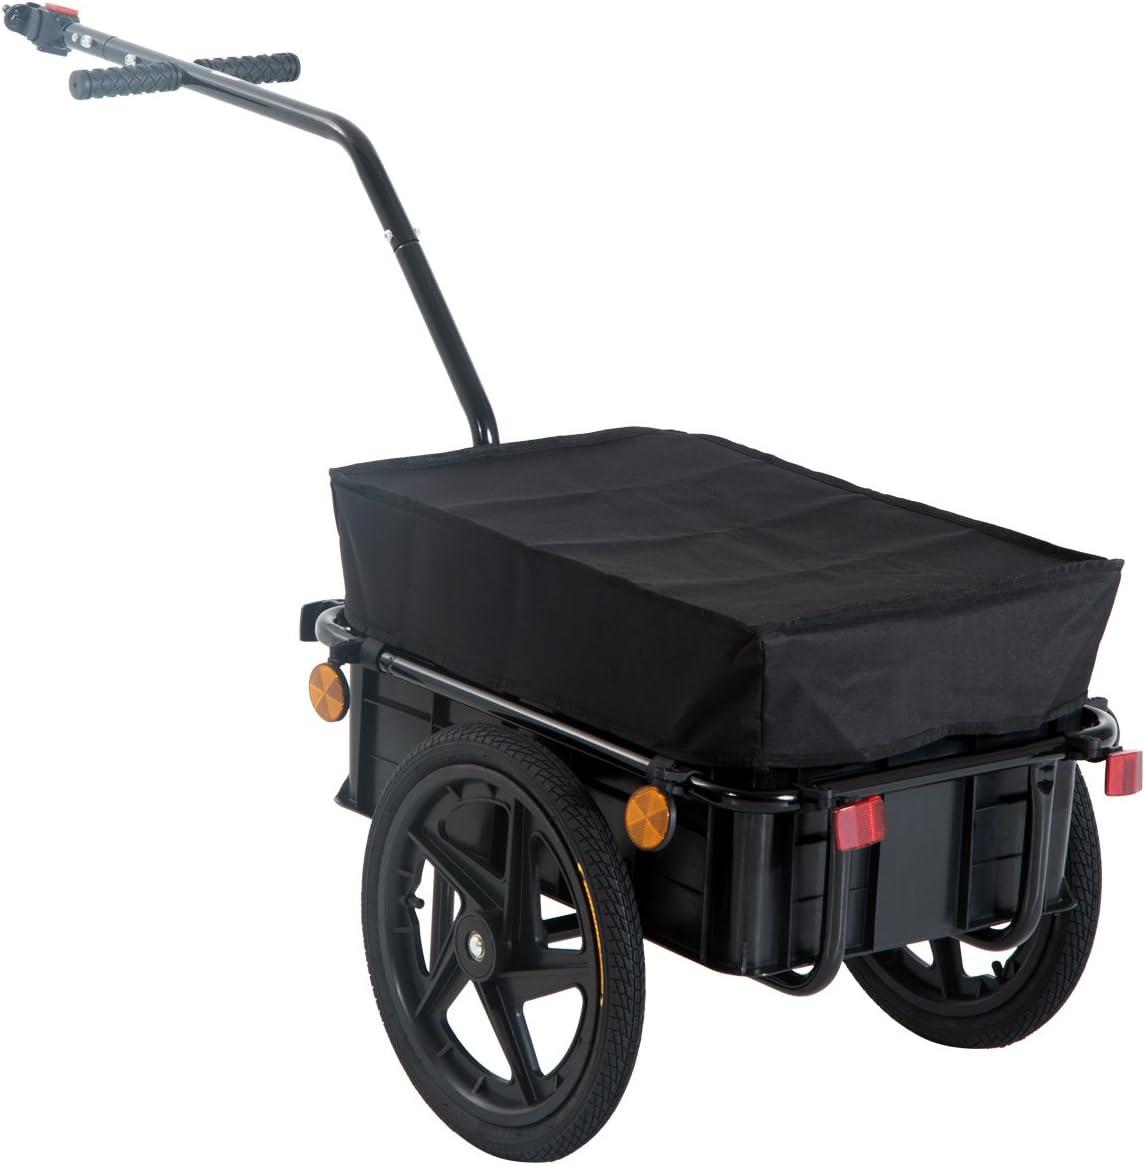 HOMCOM Remolque de Bicicleta para Carga 40kg Equipaje Reflectores y Asas Negro